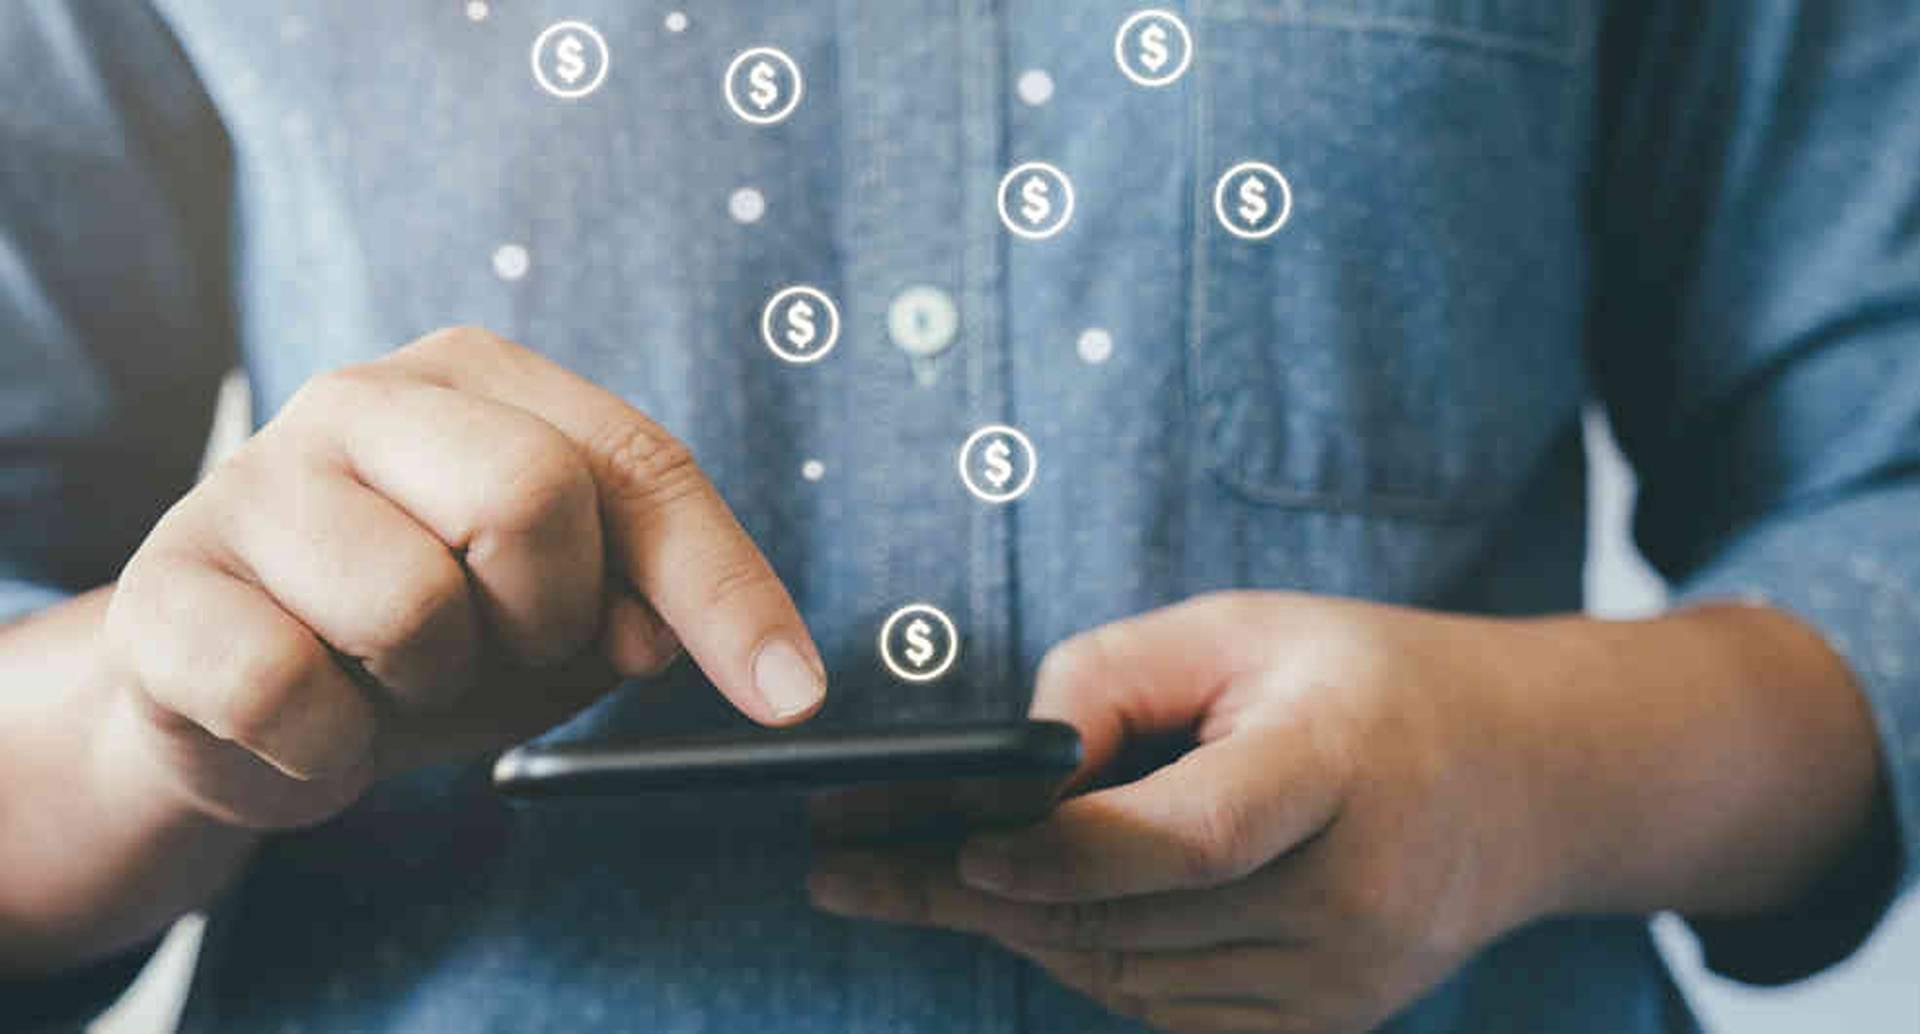 Los pagos digitales facilitan la vida de los usuarios.